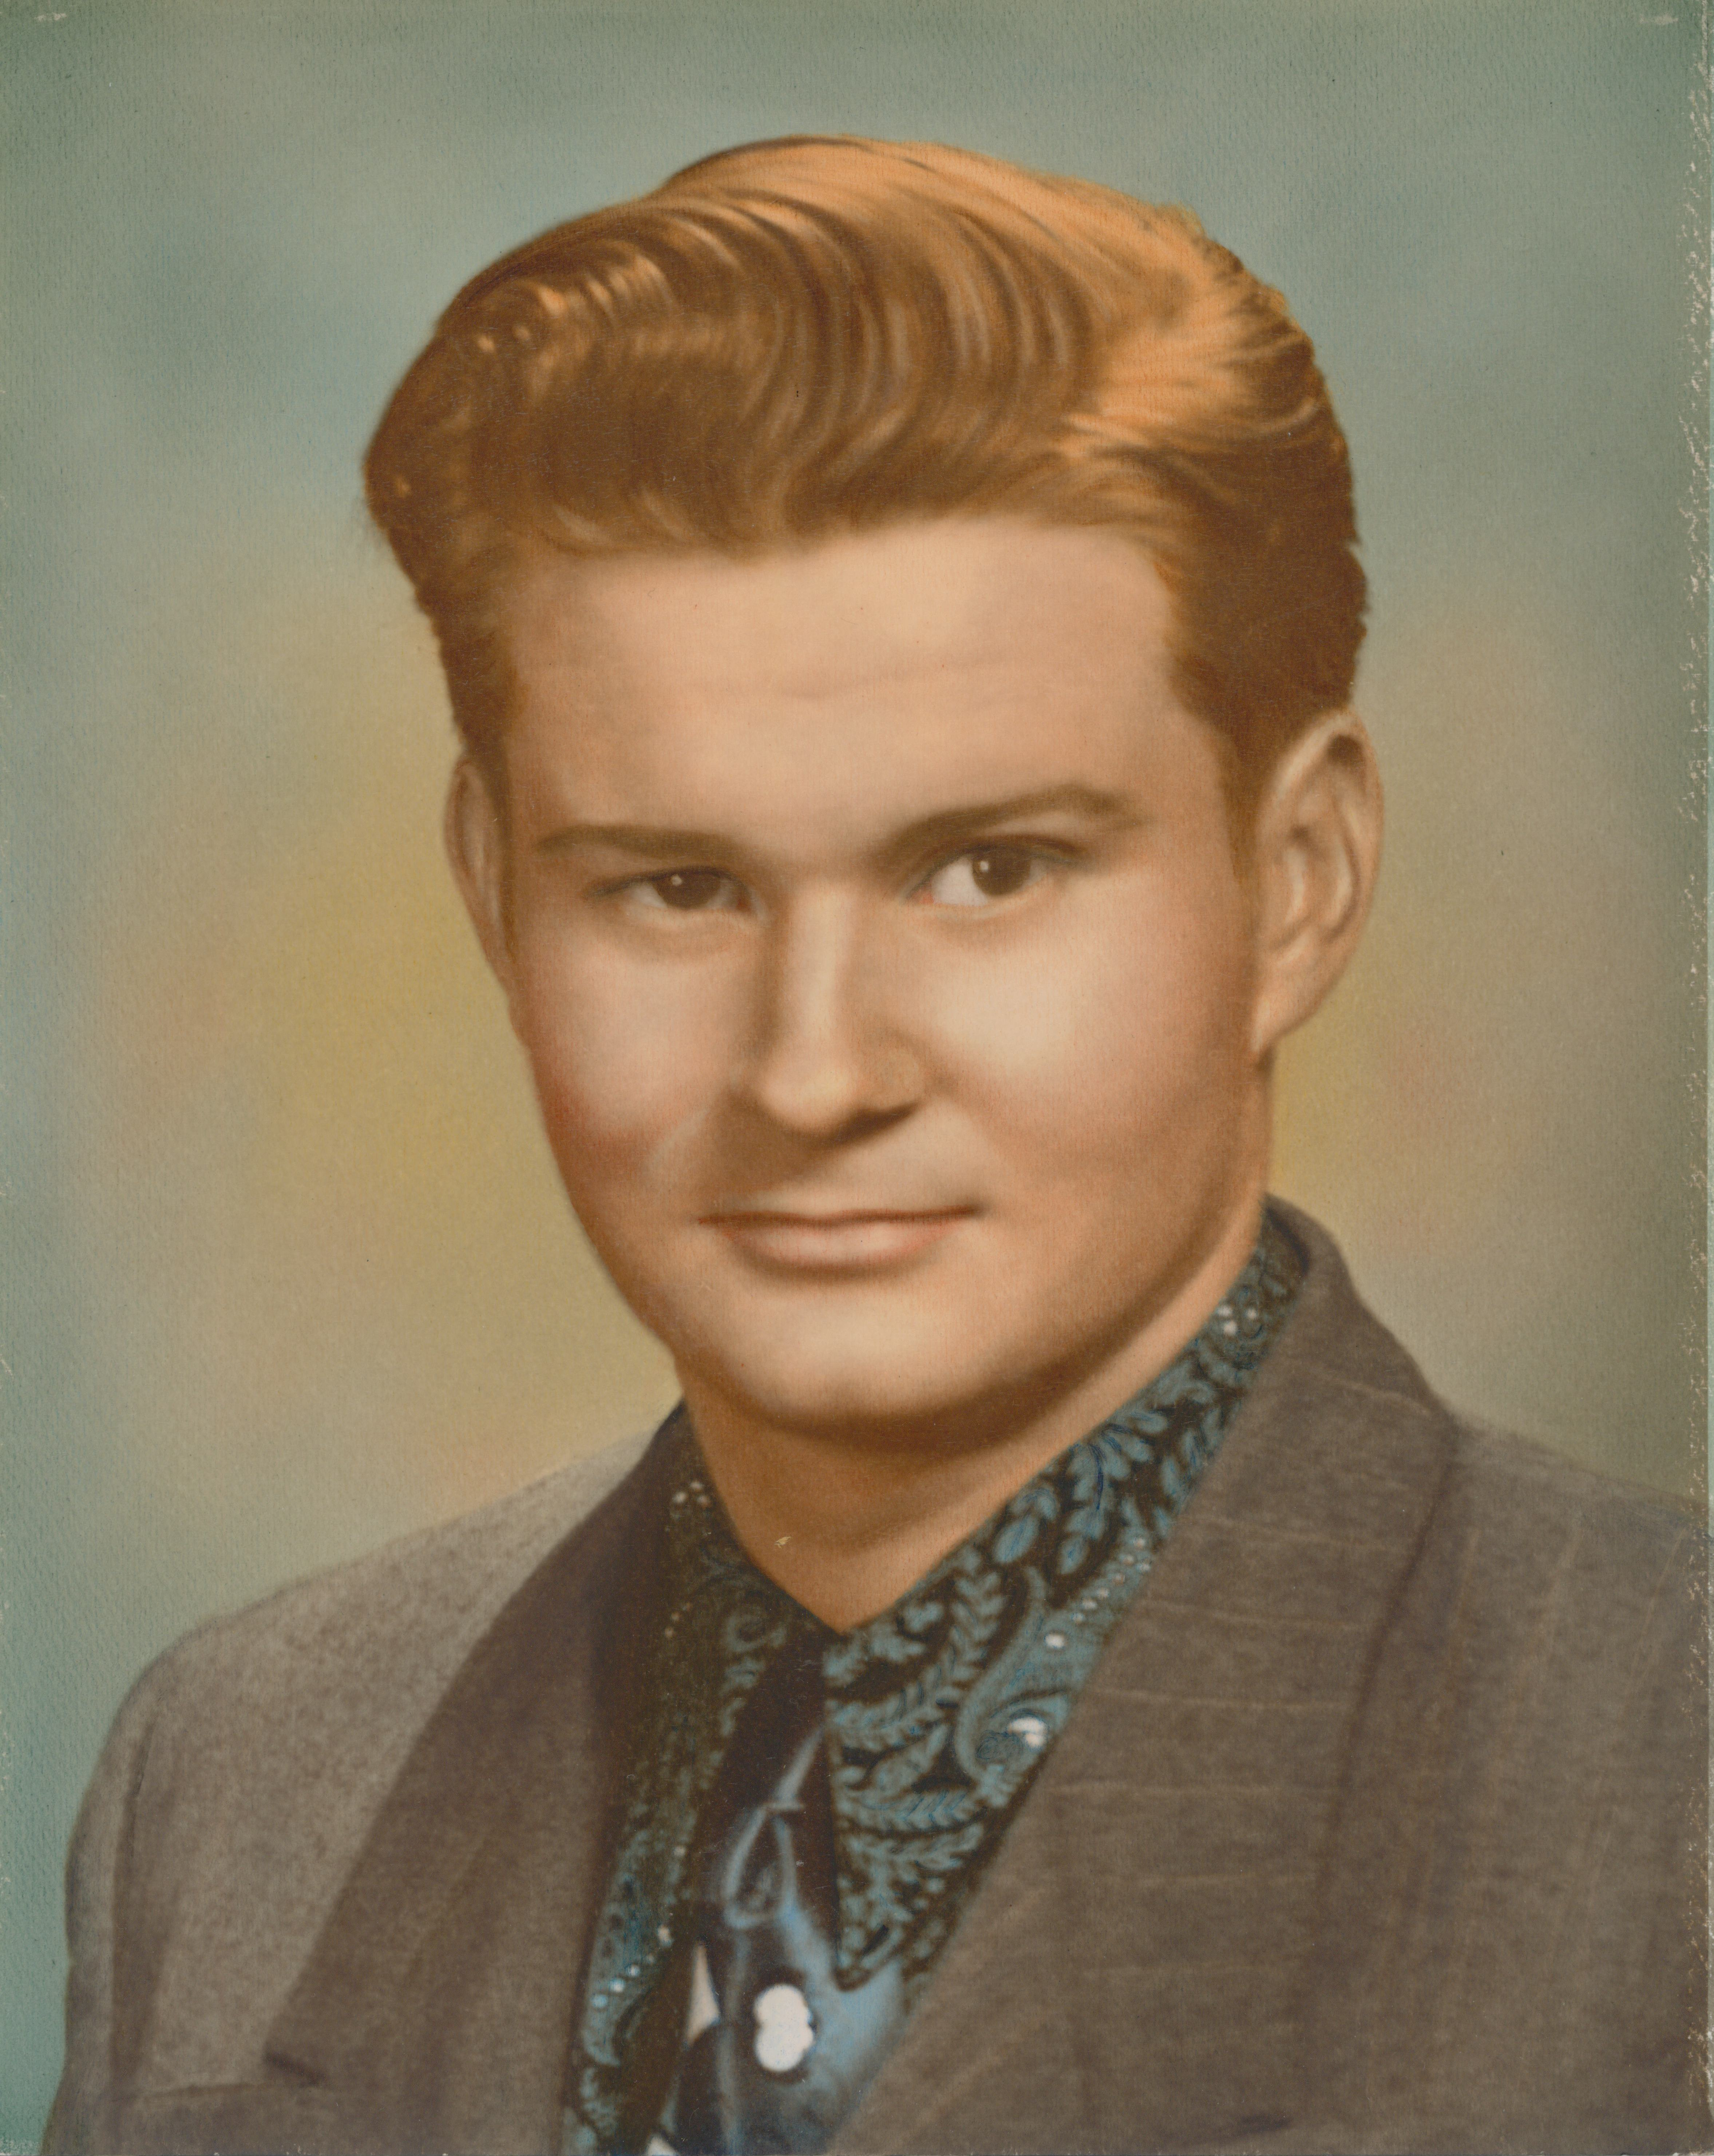 Joseph Arthur O'Barr